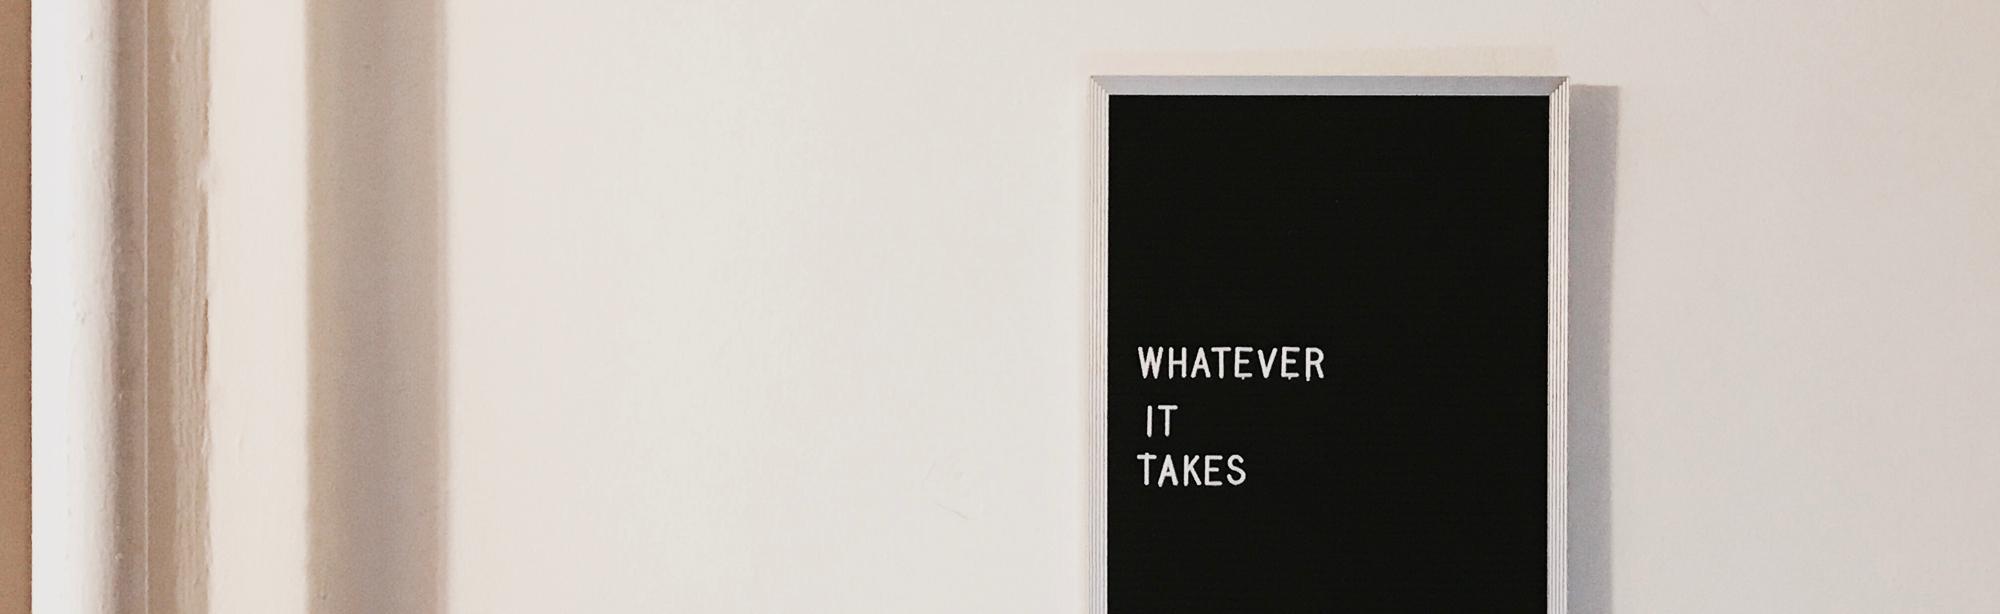 texto whatever it takes